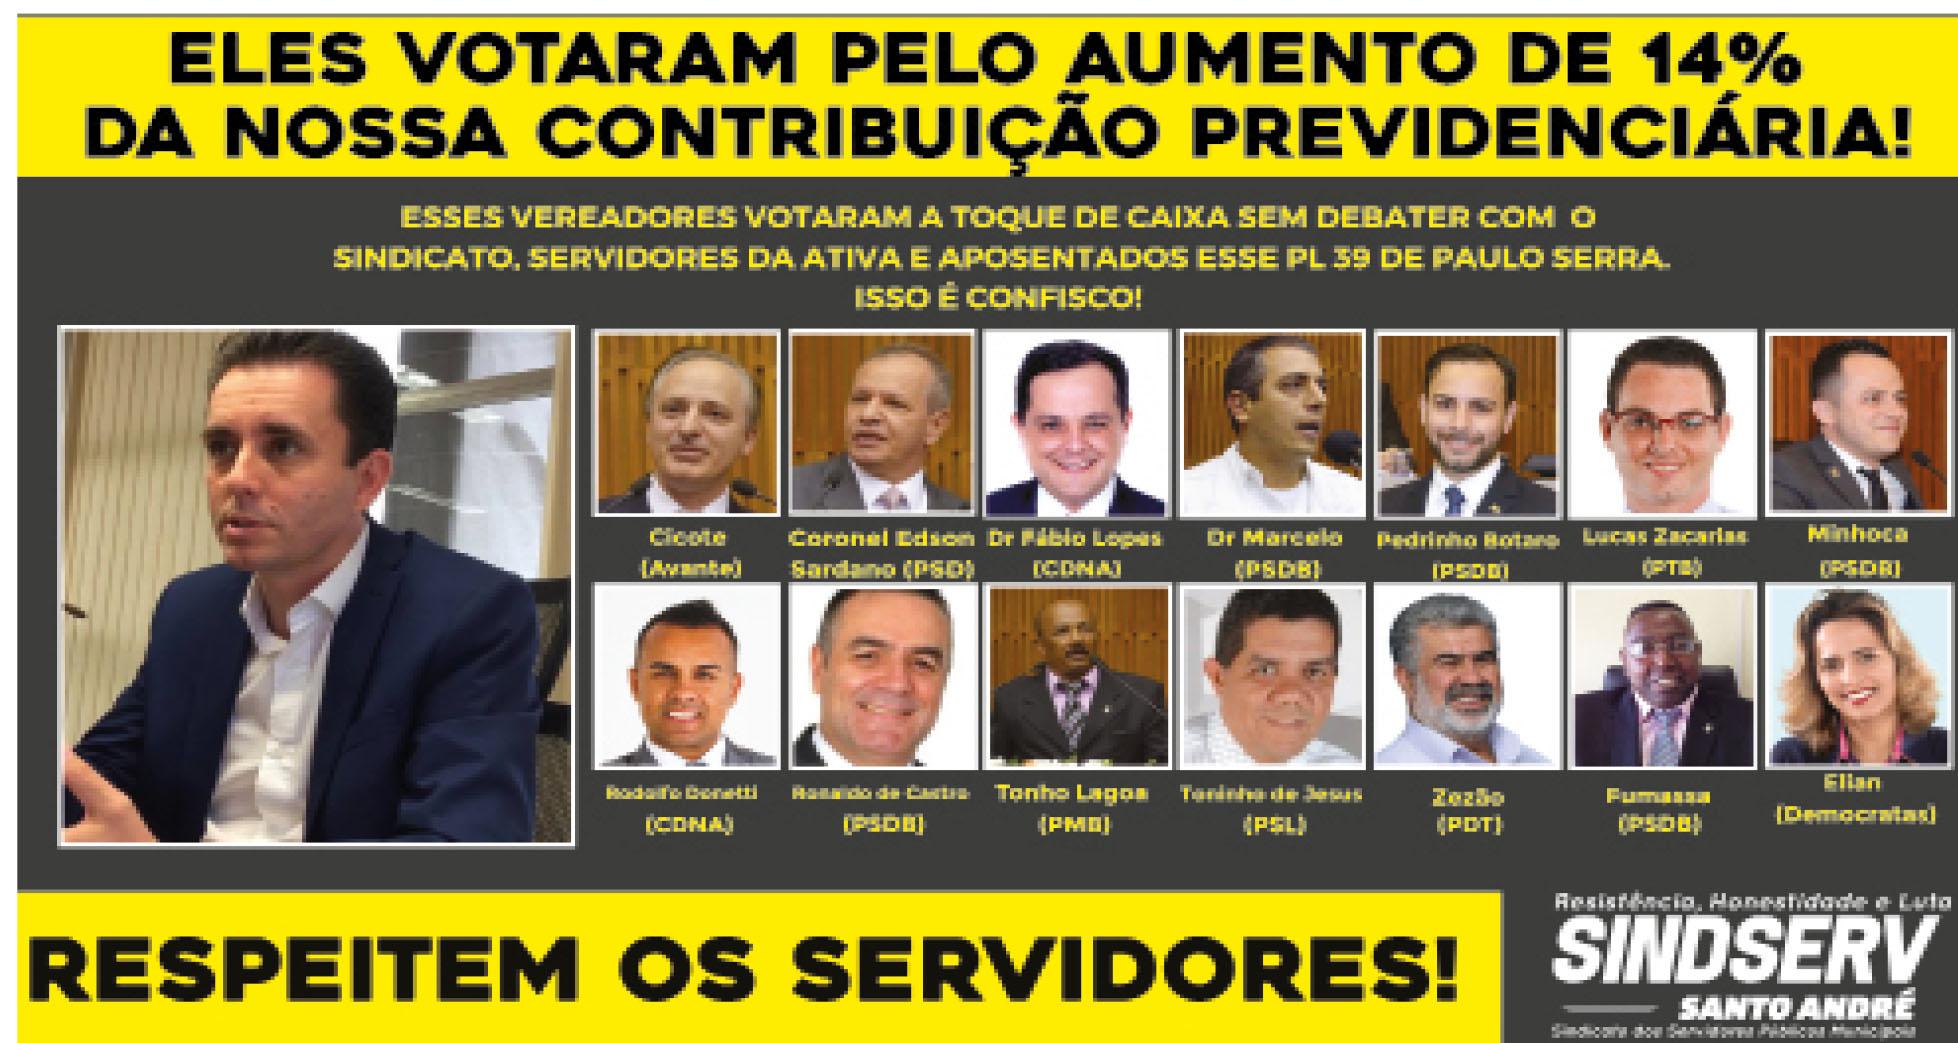 Imagem de Confisco da Previdência: Lei de Paulo Serra entra em vigor